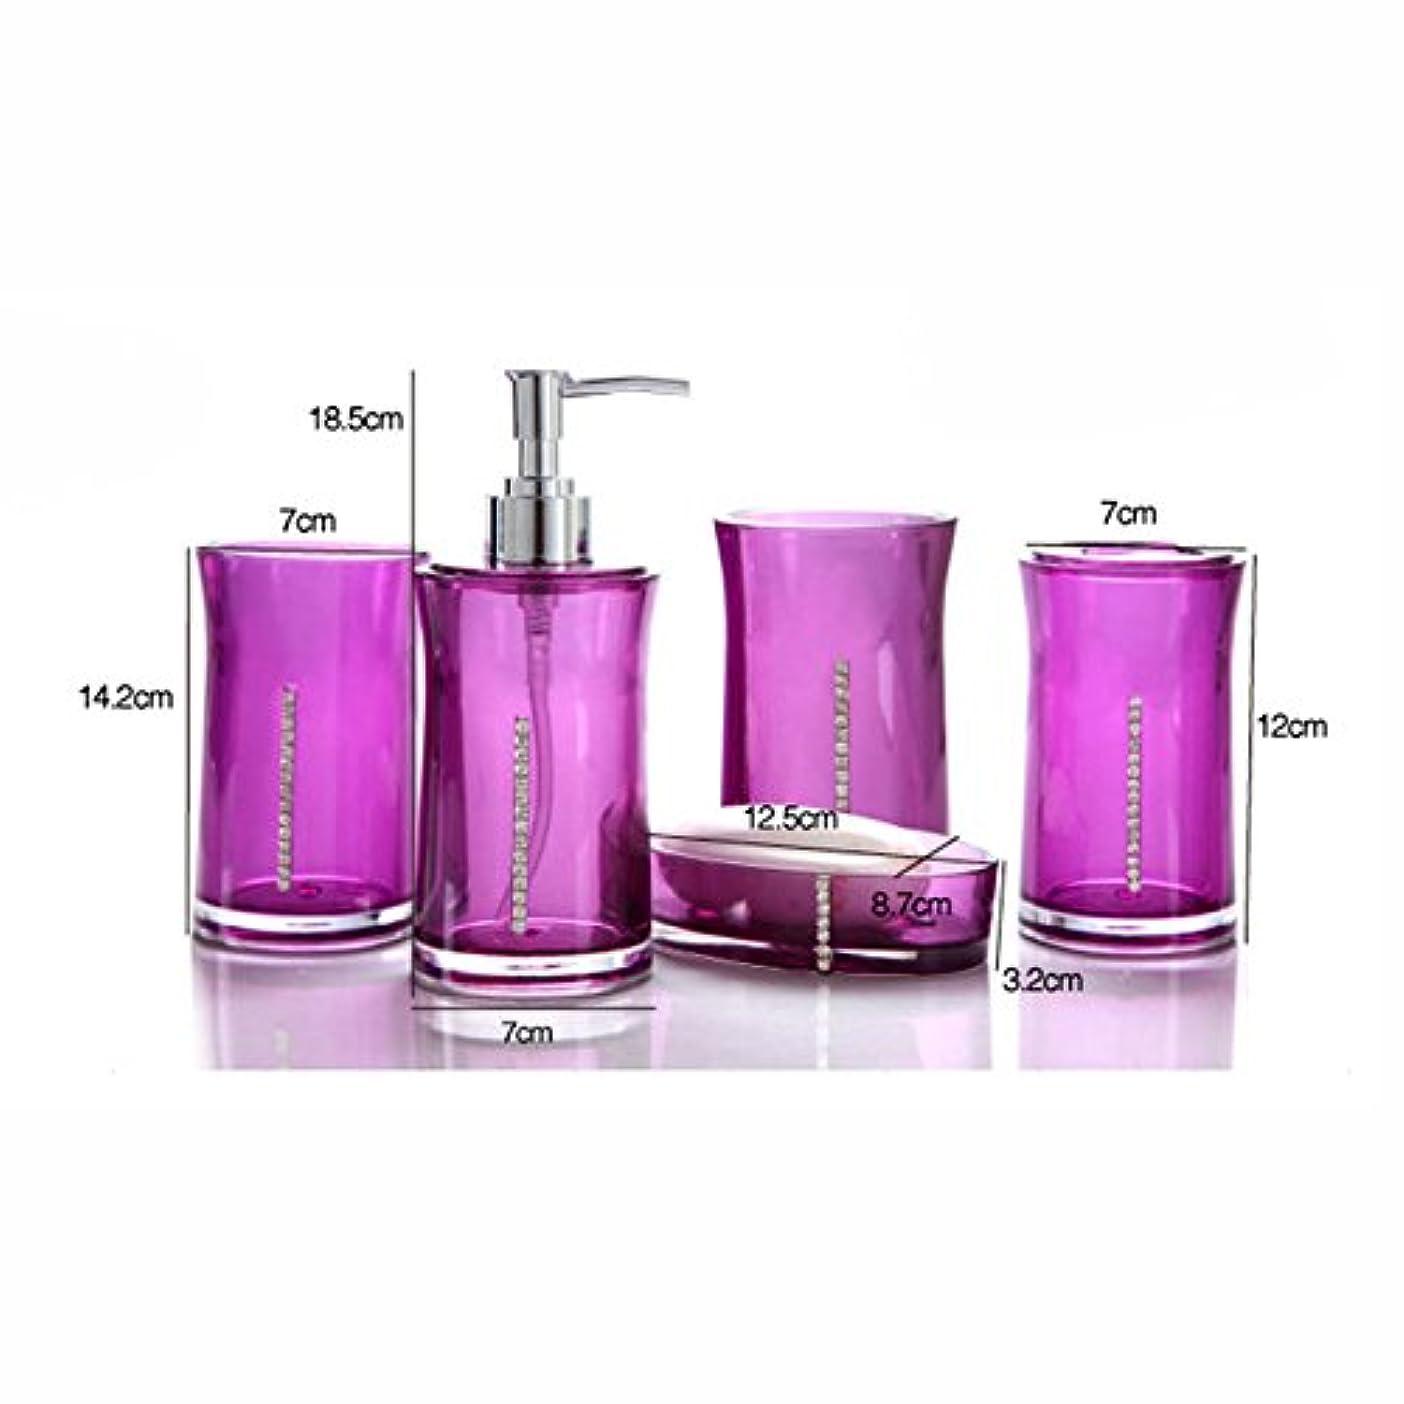 符号ホステル戻るxlp シャワージェルアクリルボトル、キッチンバス用シャンプー液体石鹸ディスペンサーボトル (紫)